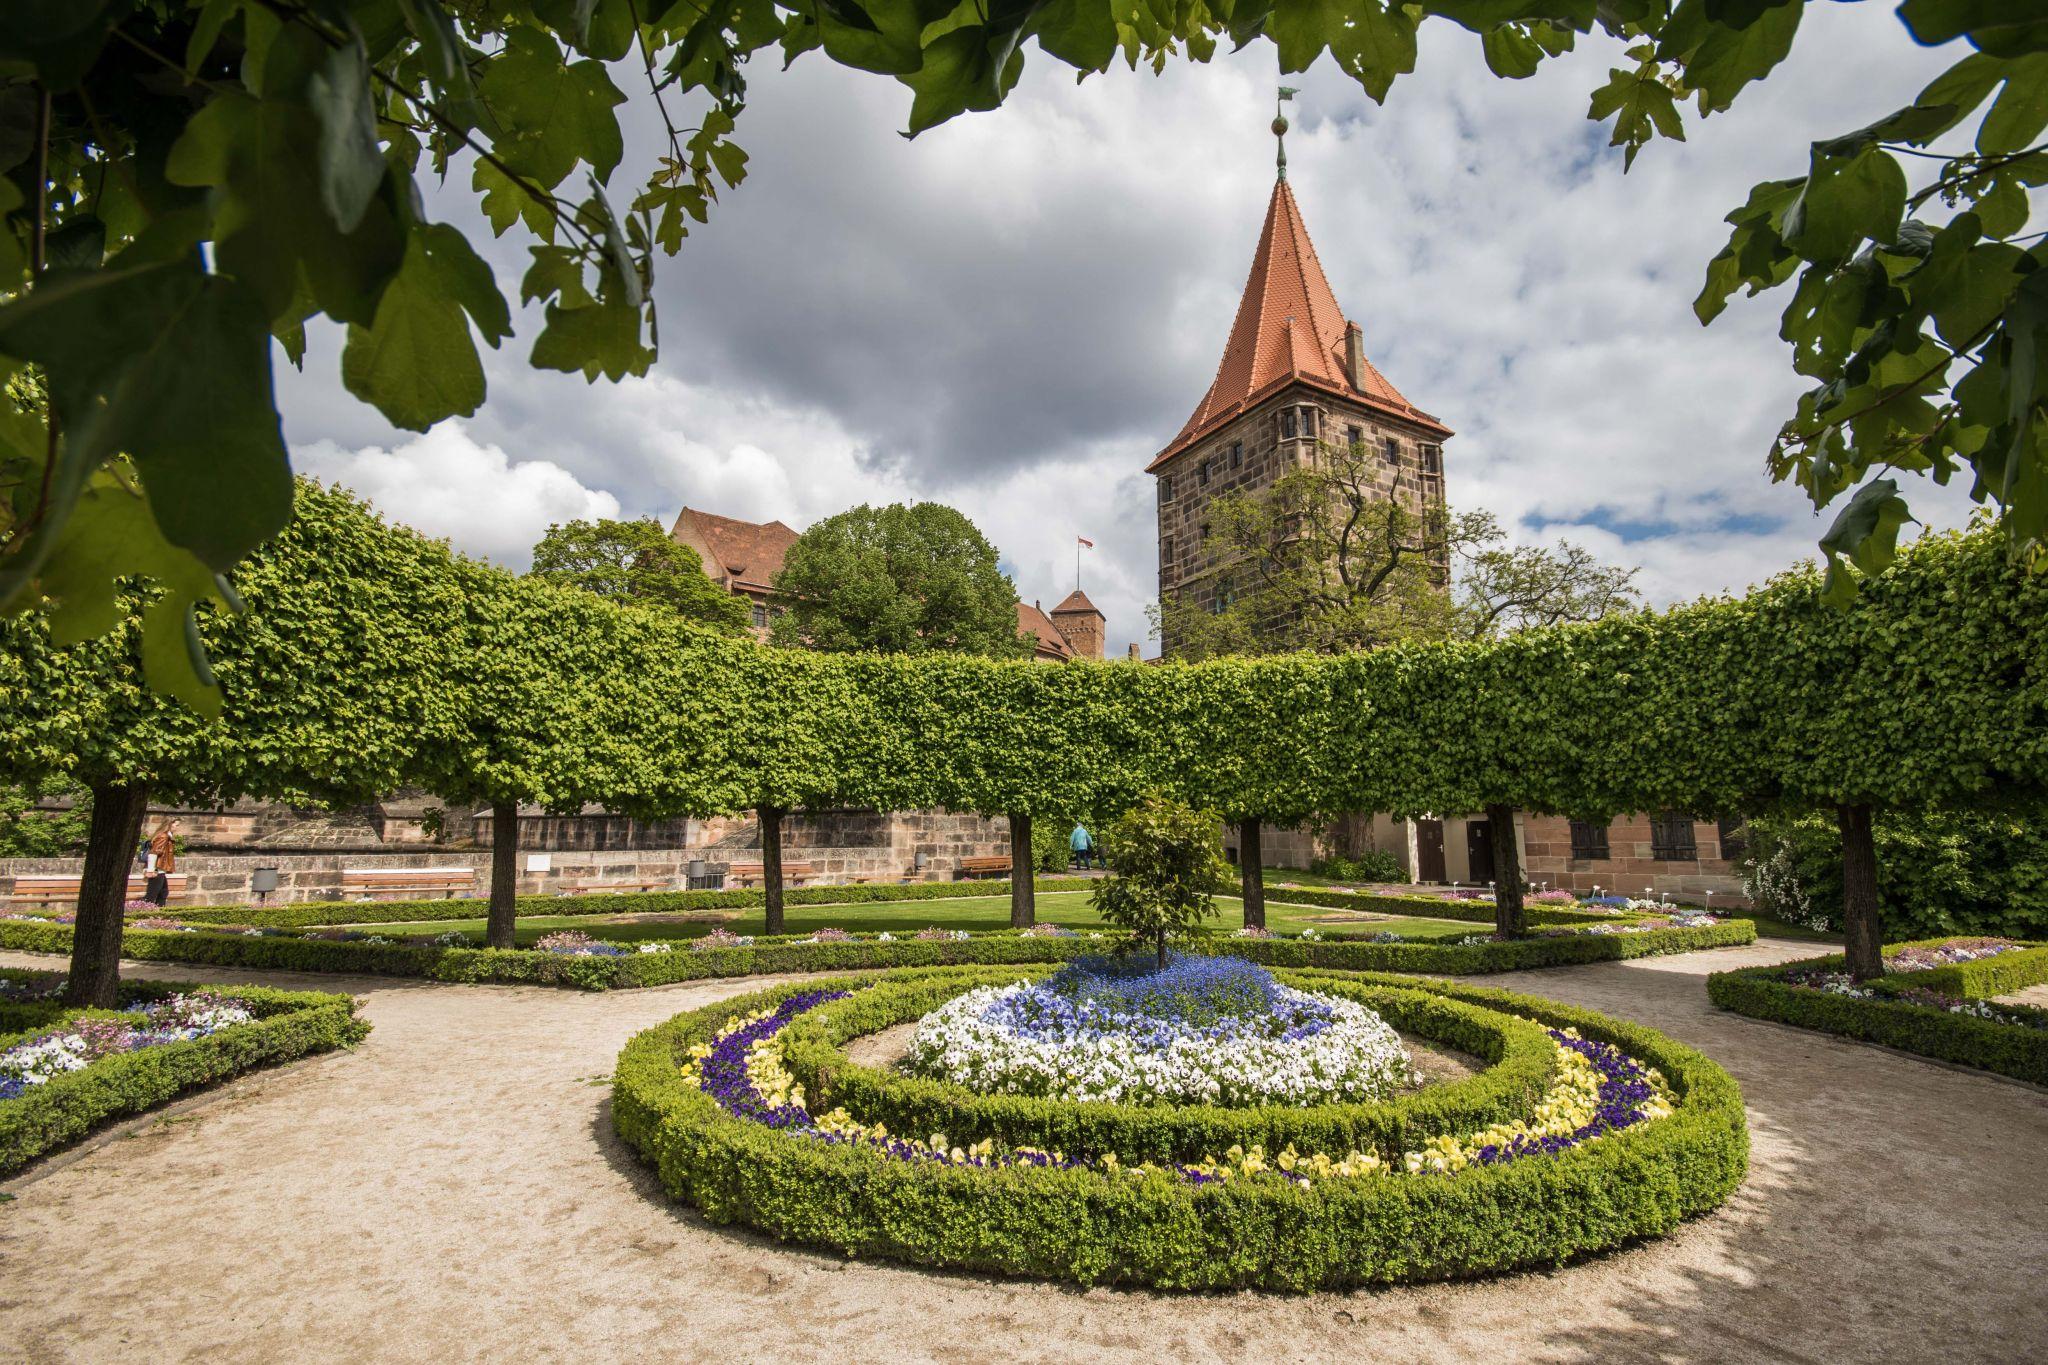 Nürnberg Burggarten, Germany